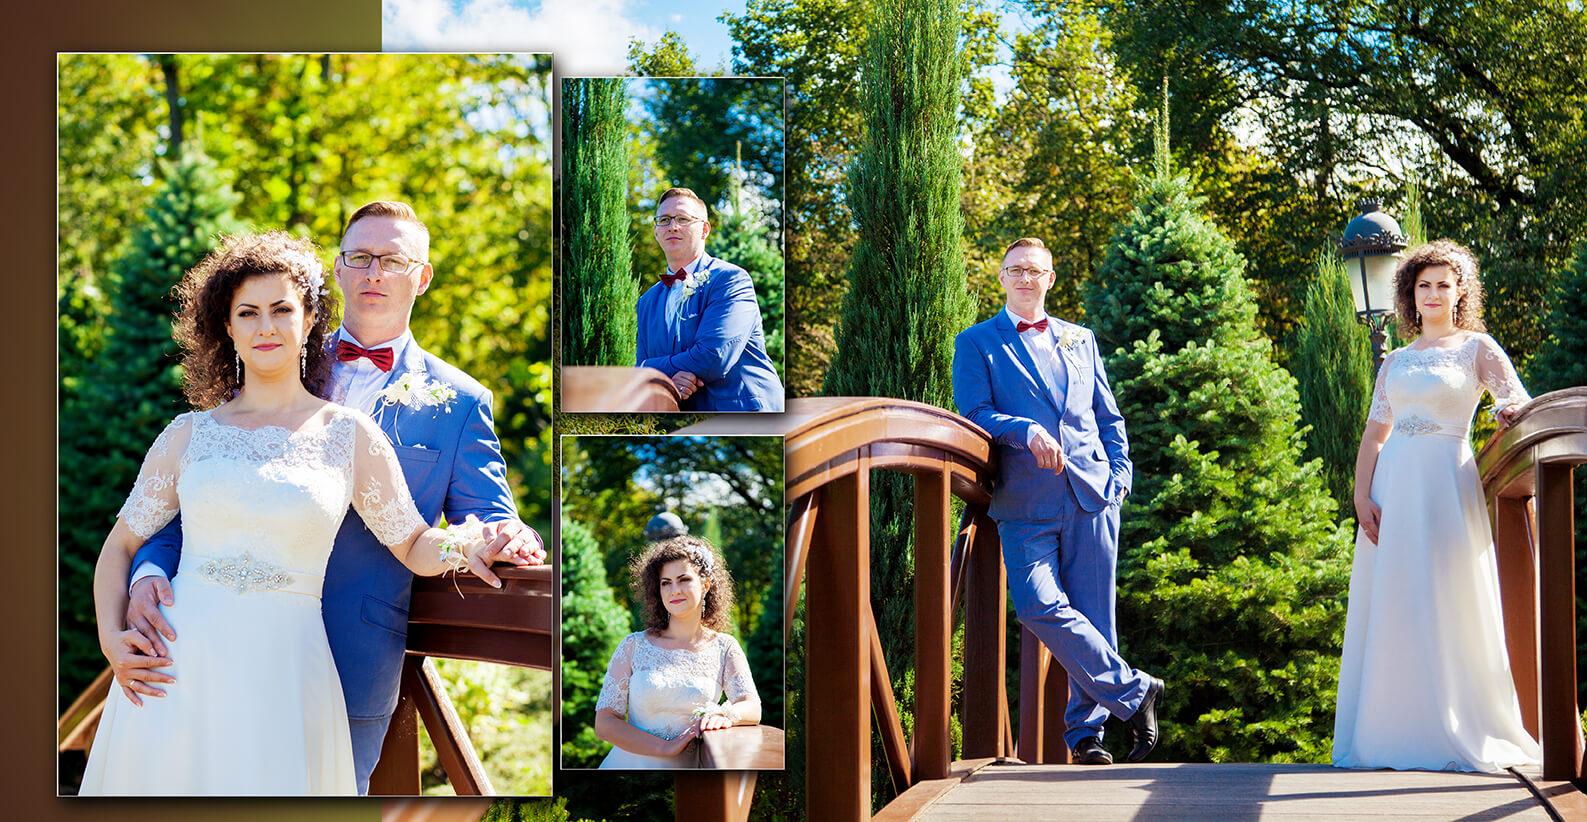 svadebnaja-fotokniga-albom-zakazat-fotograf-kiev-primery-10